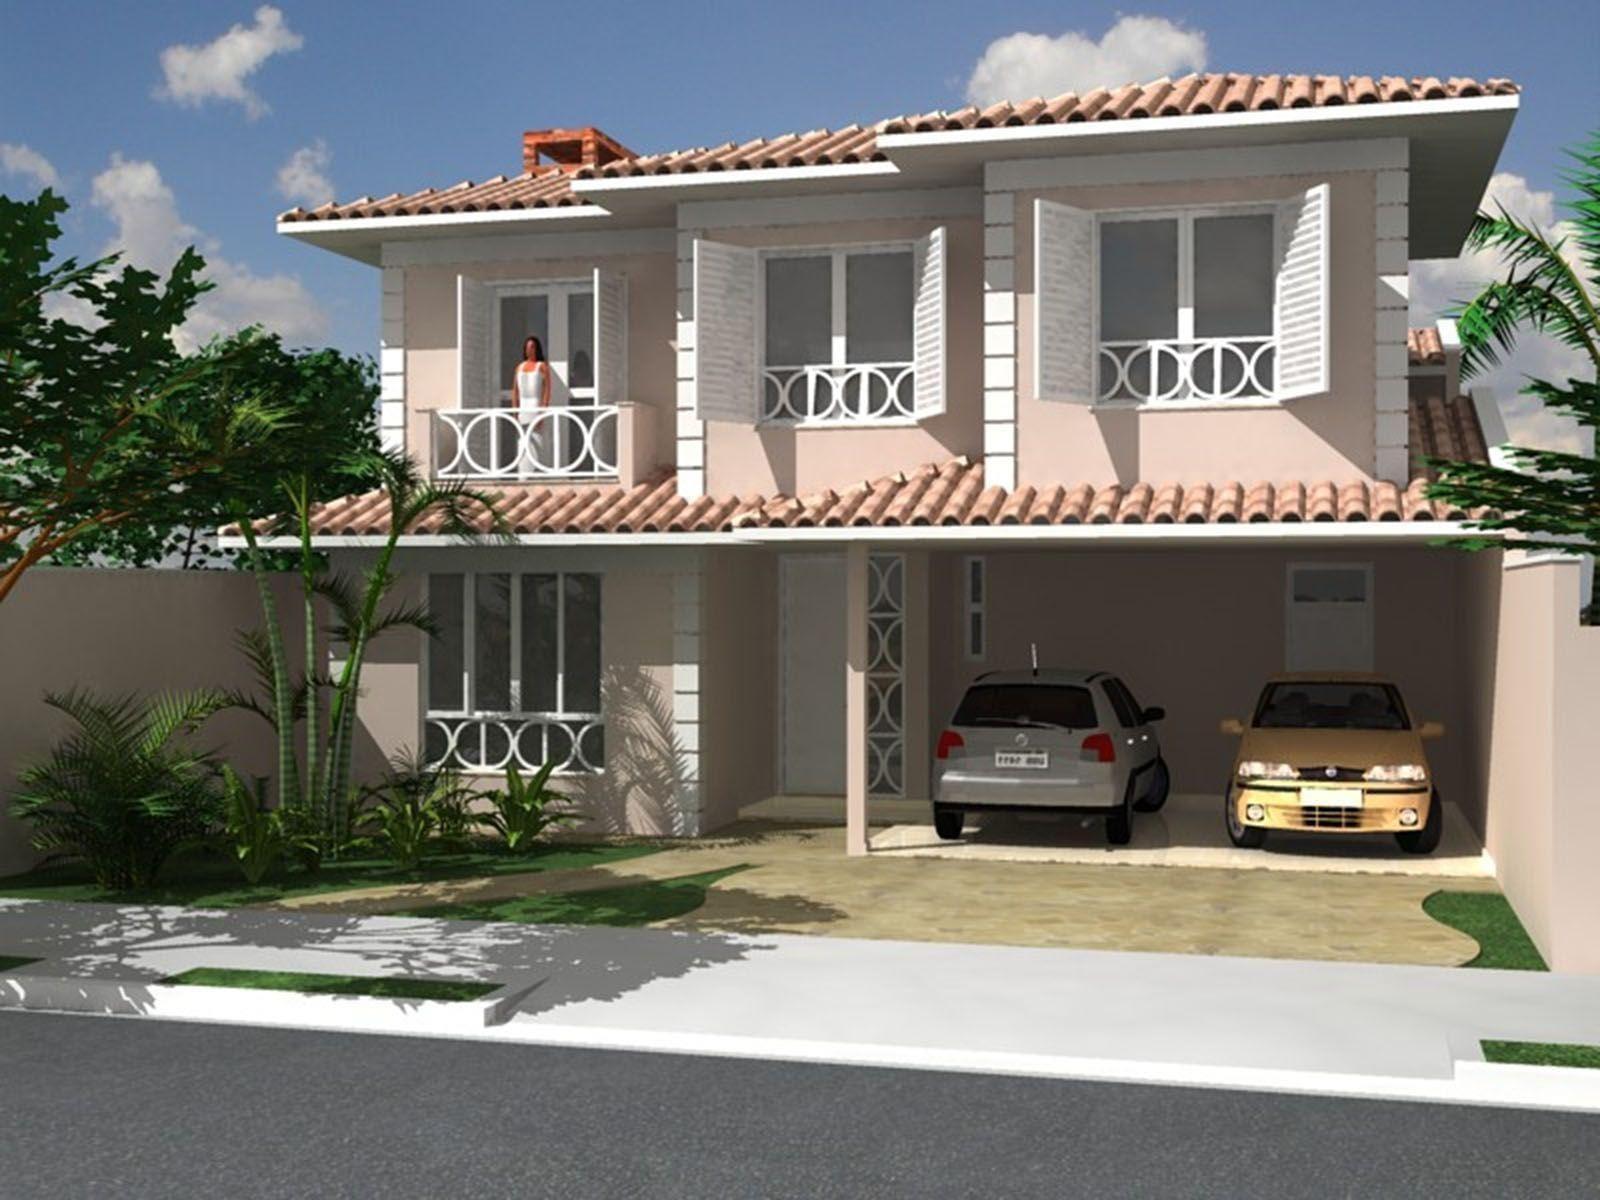 """Foto: Reprodução / <a href=""""http://www.unitaarquitetura.com.br/projeto/residencia-19/"""" target=""""_blank"""">Unitá Arquitetura</a>"""